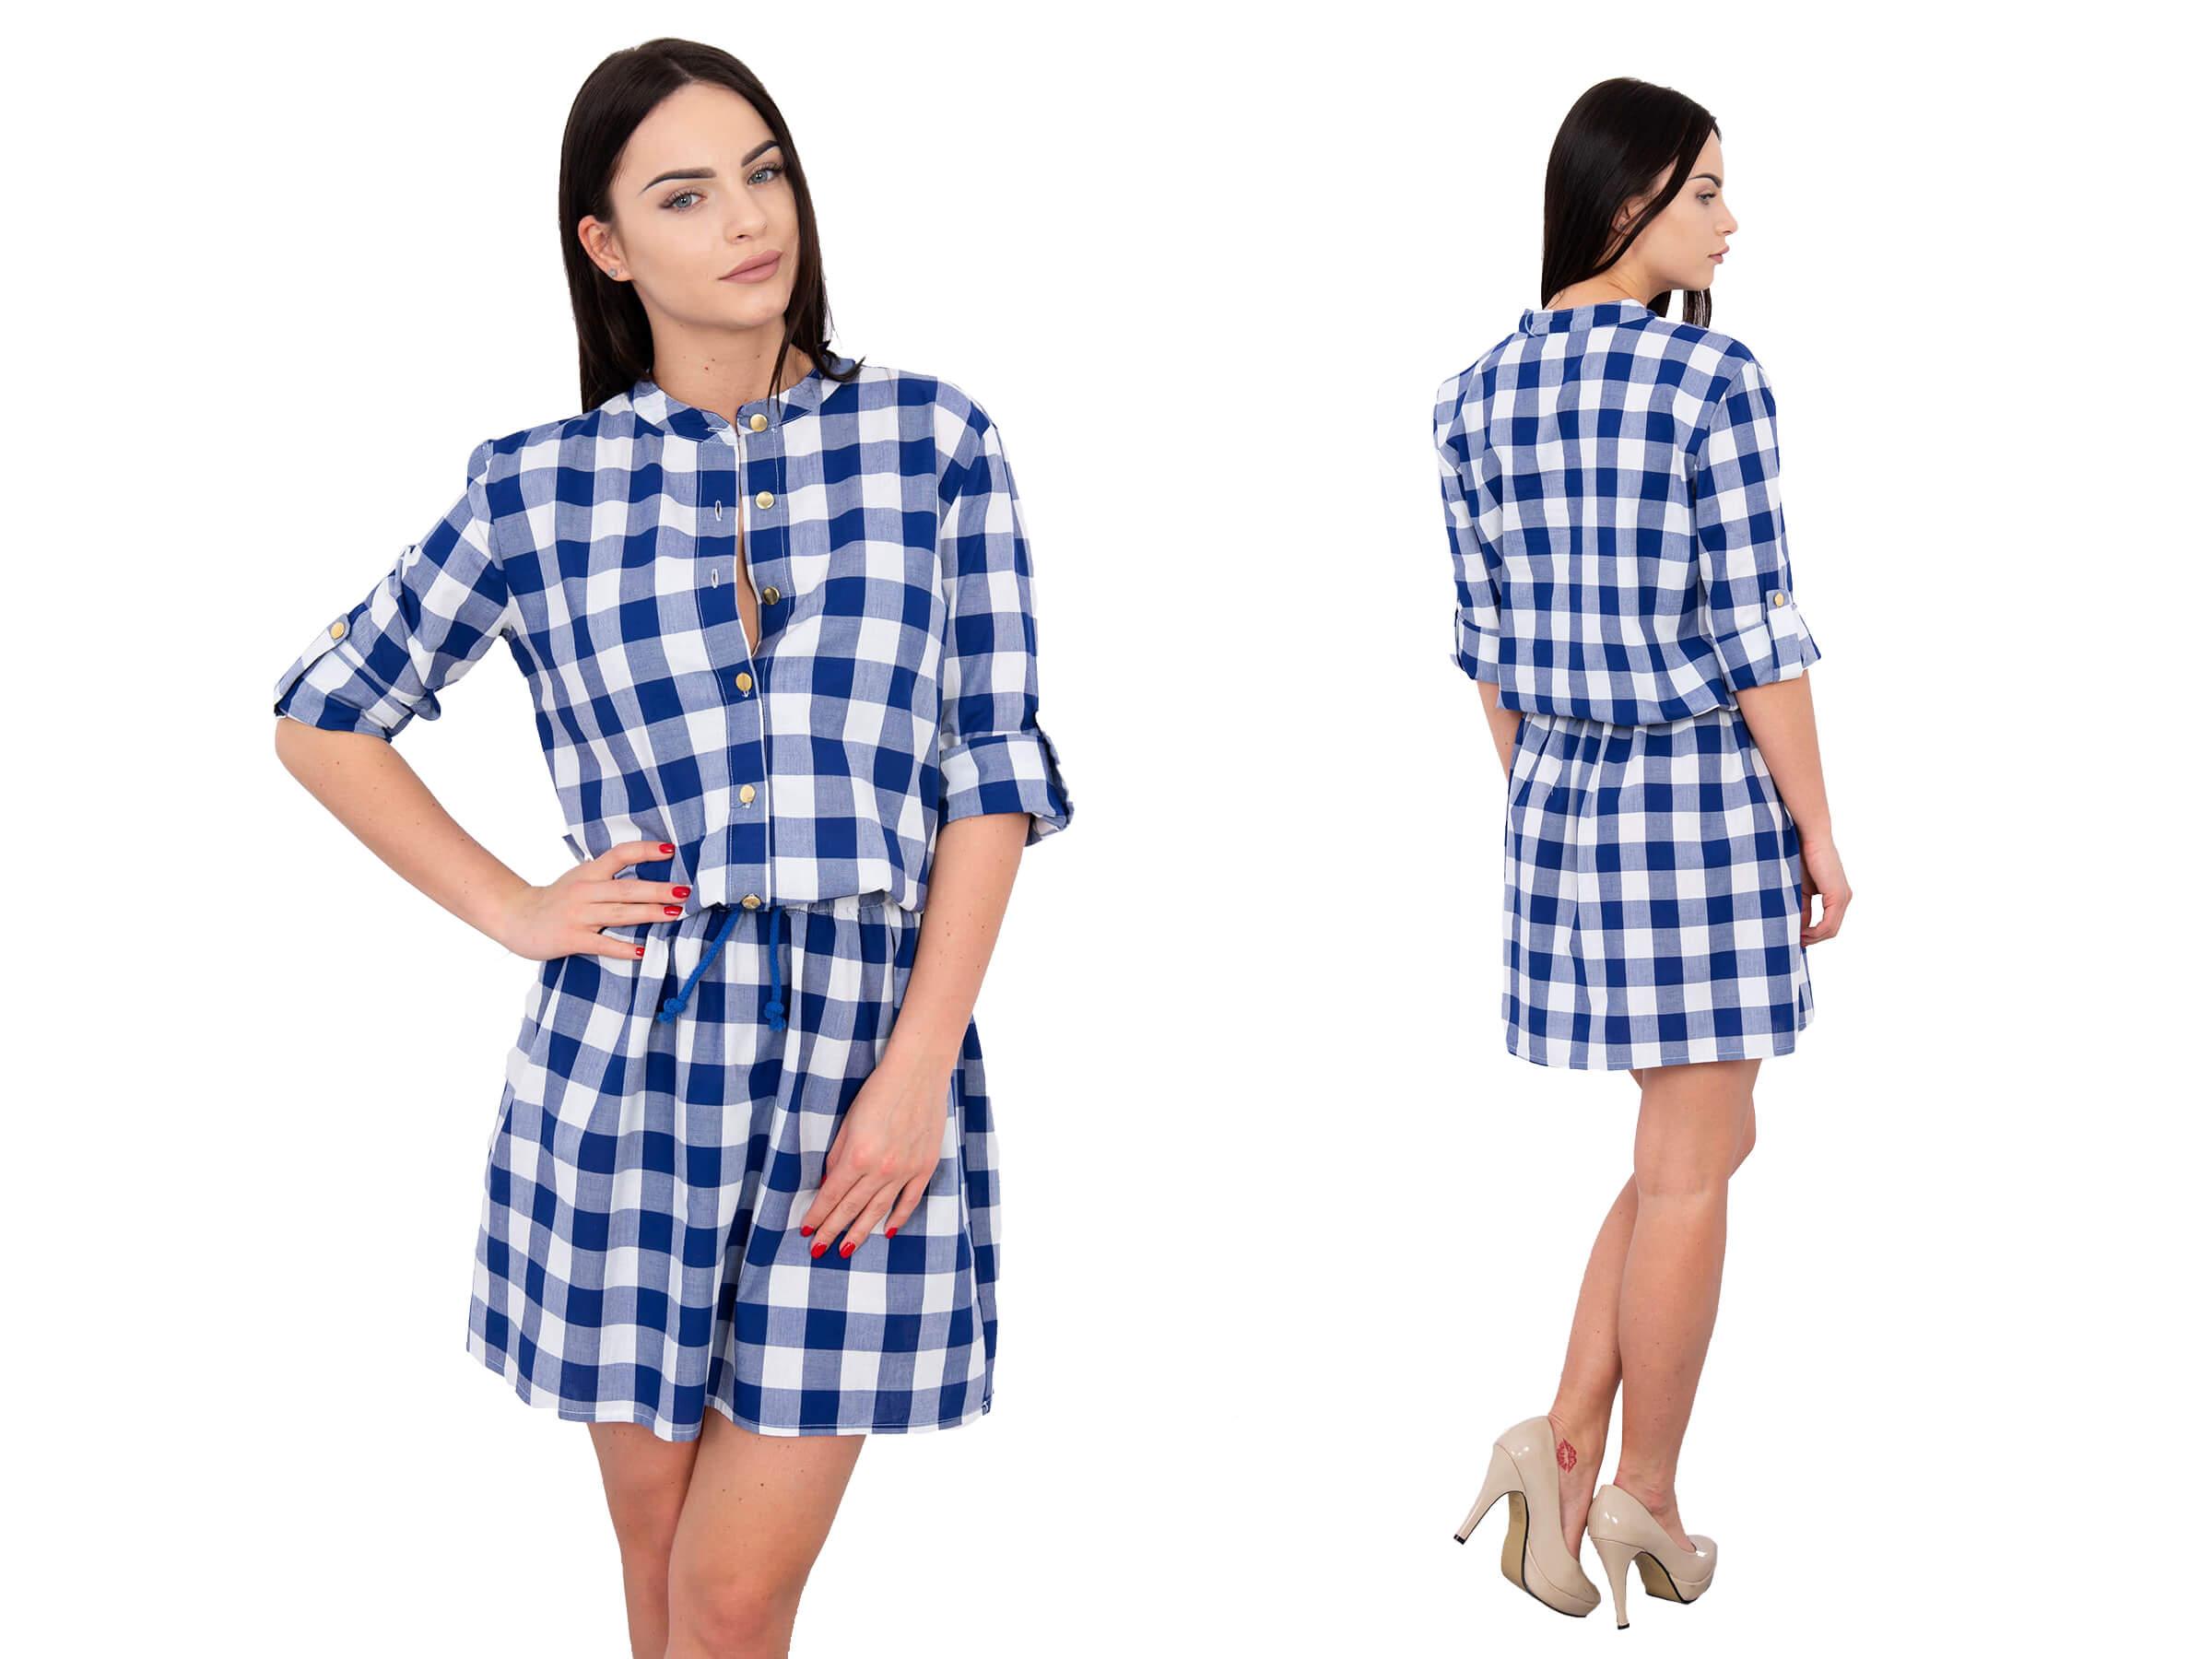 684a2bd9 Sukienka w kratkę zapinana na guziki niebieska - 7315730653 ...